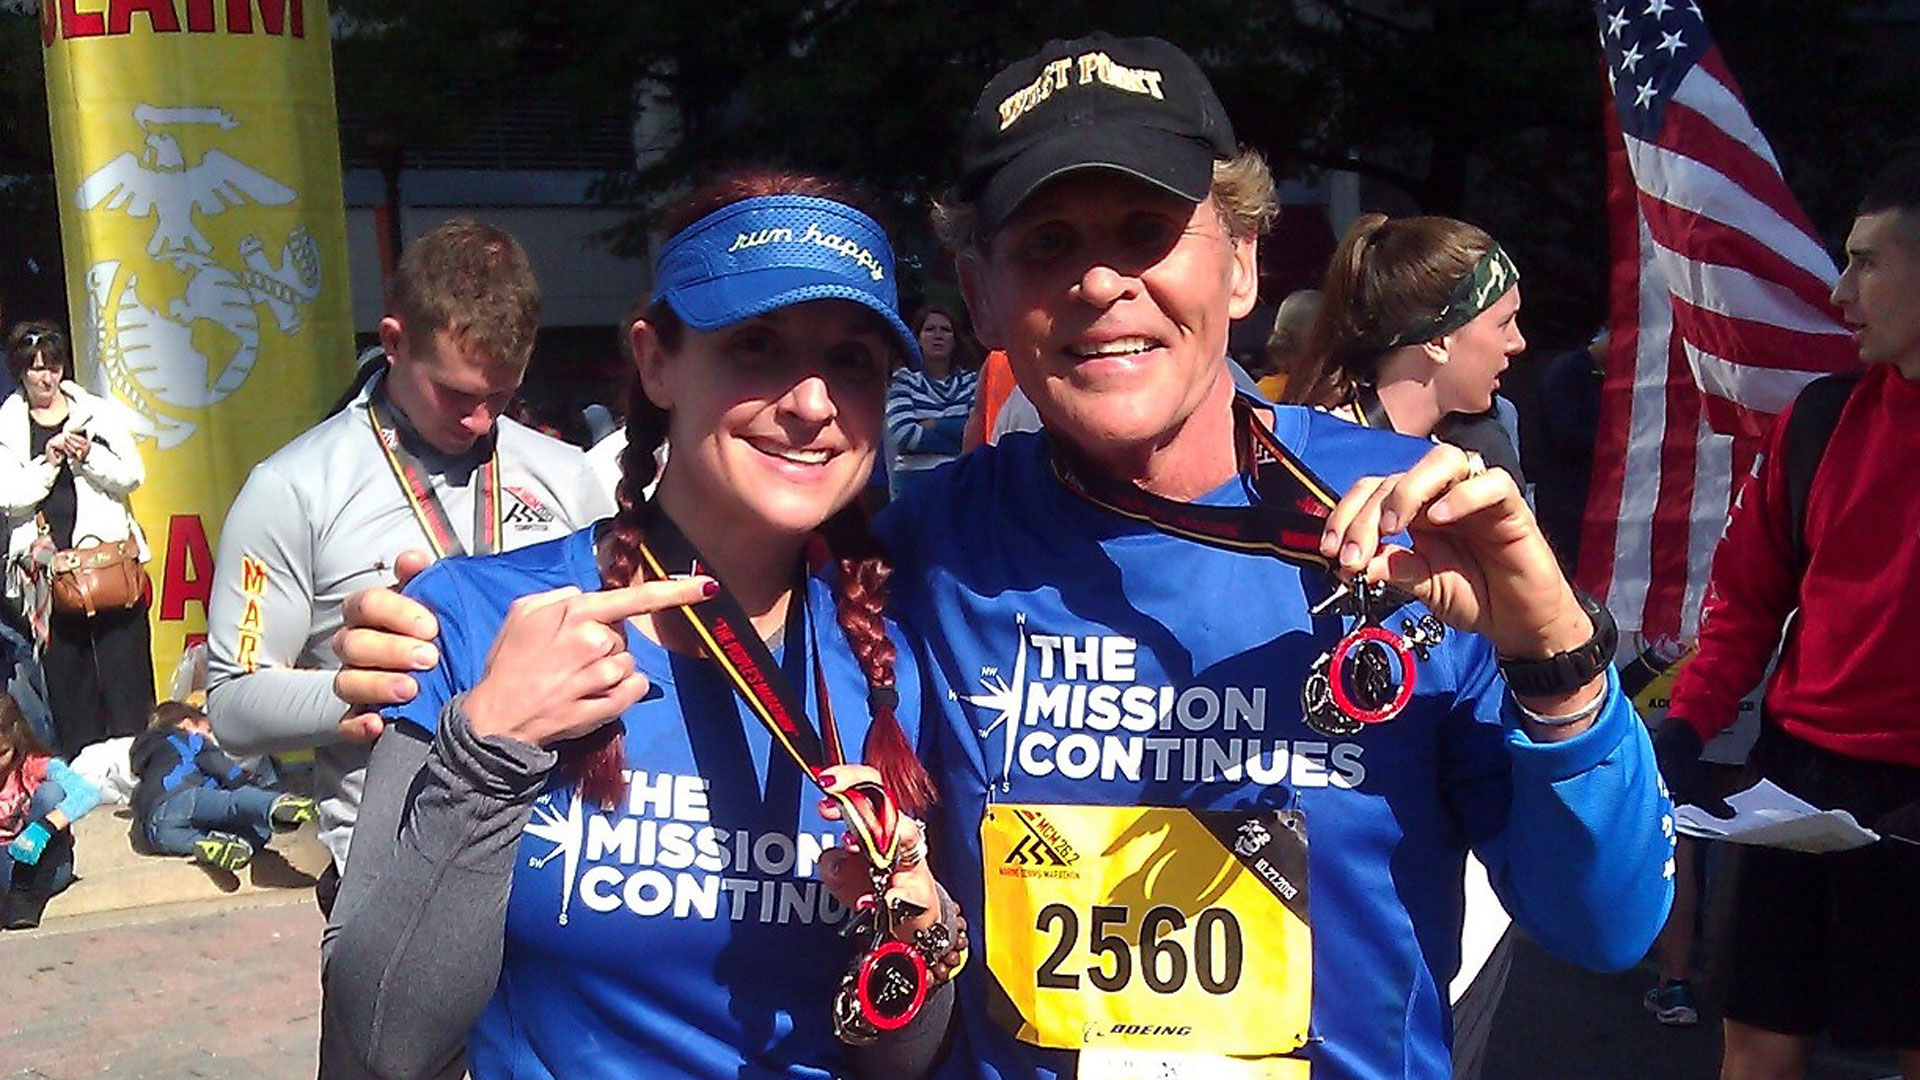 Runner2-041114-FTR.jpg